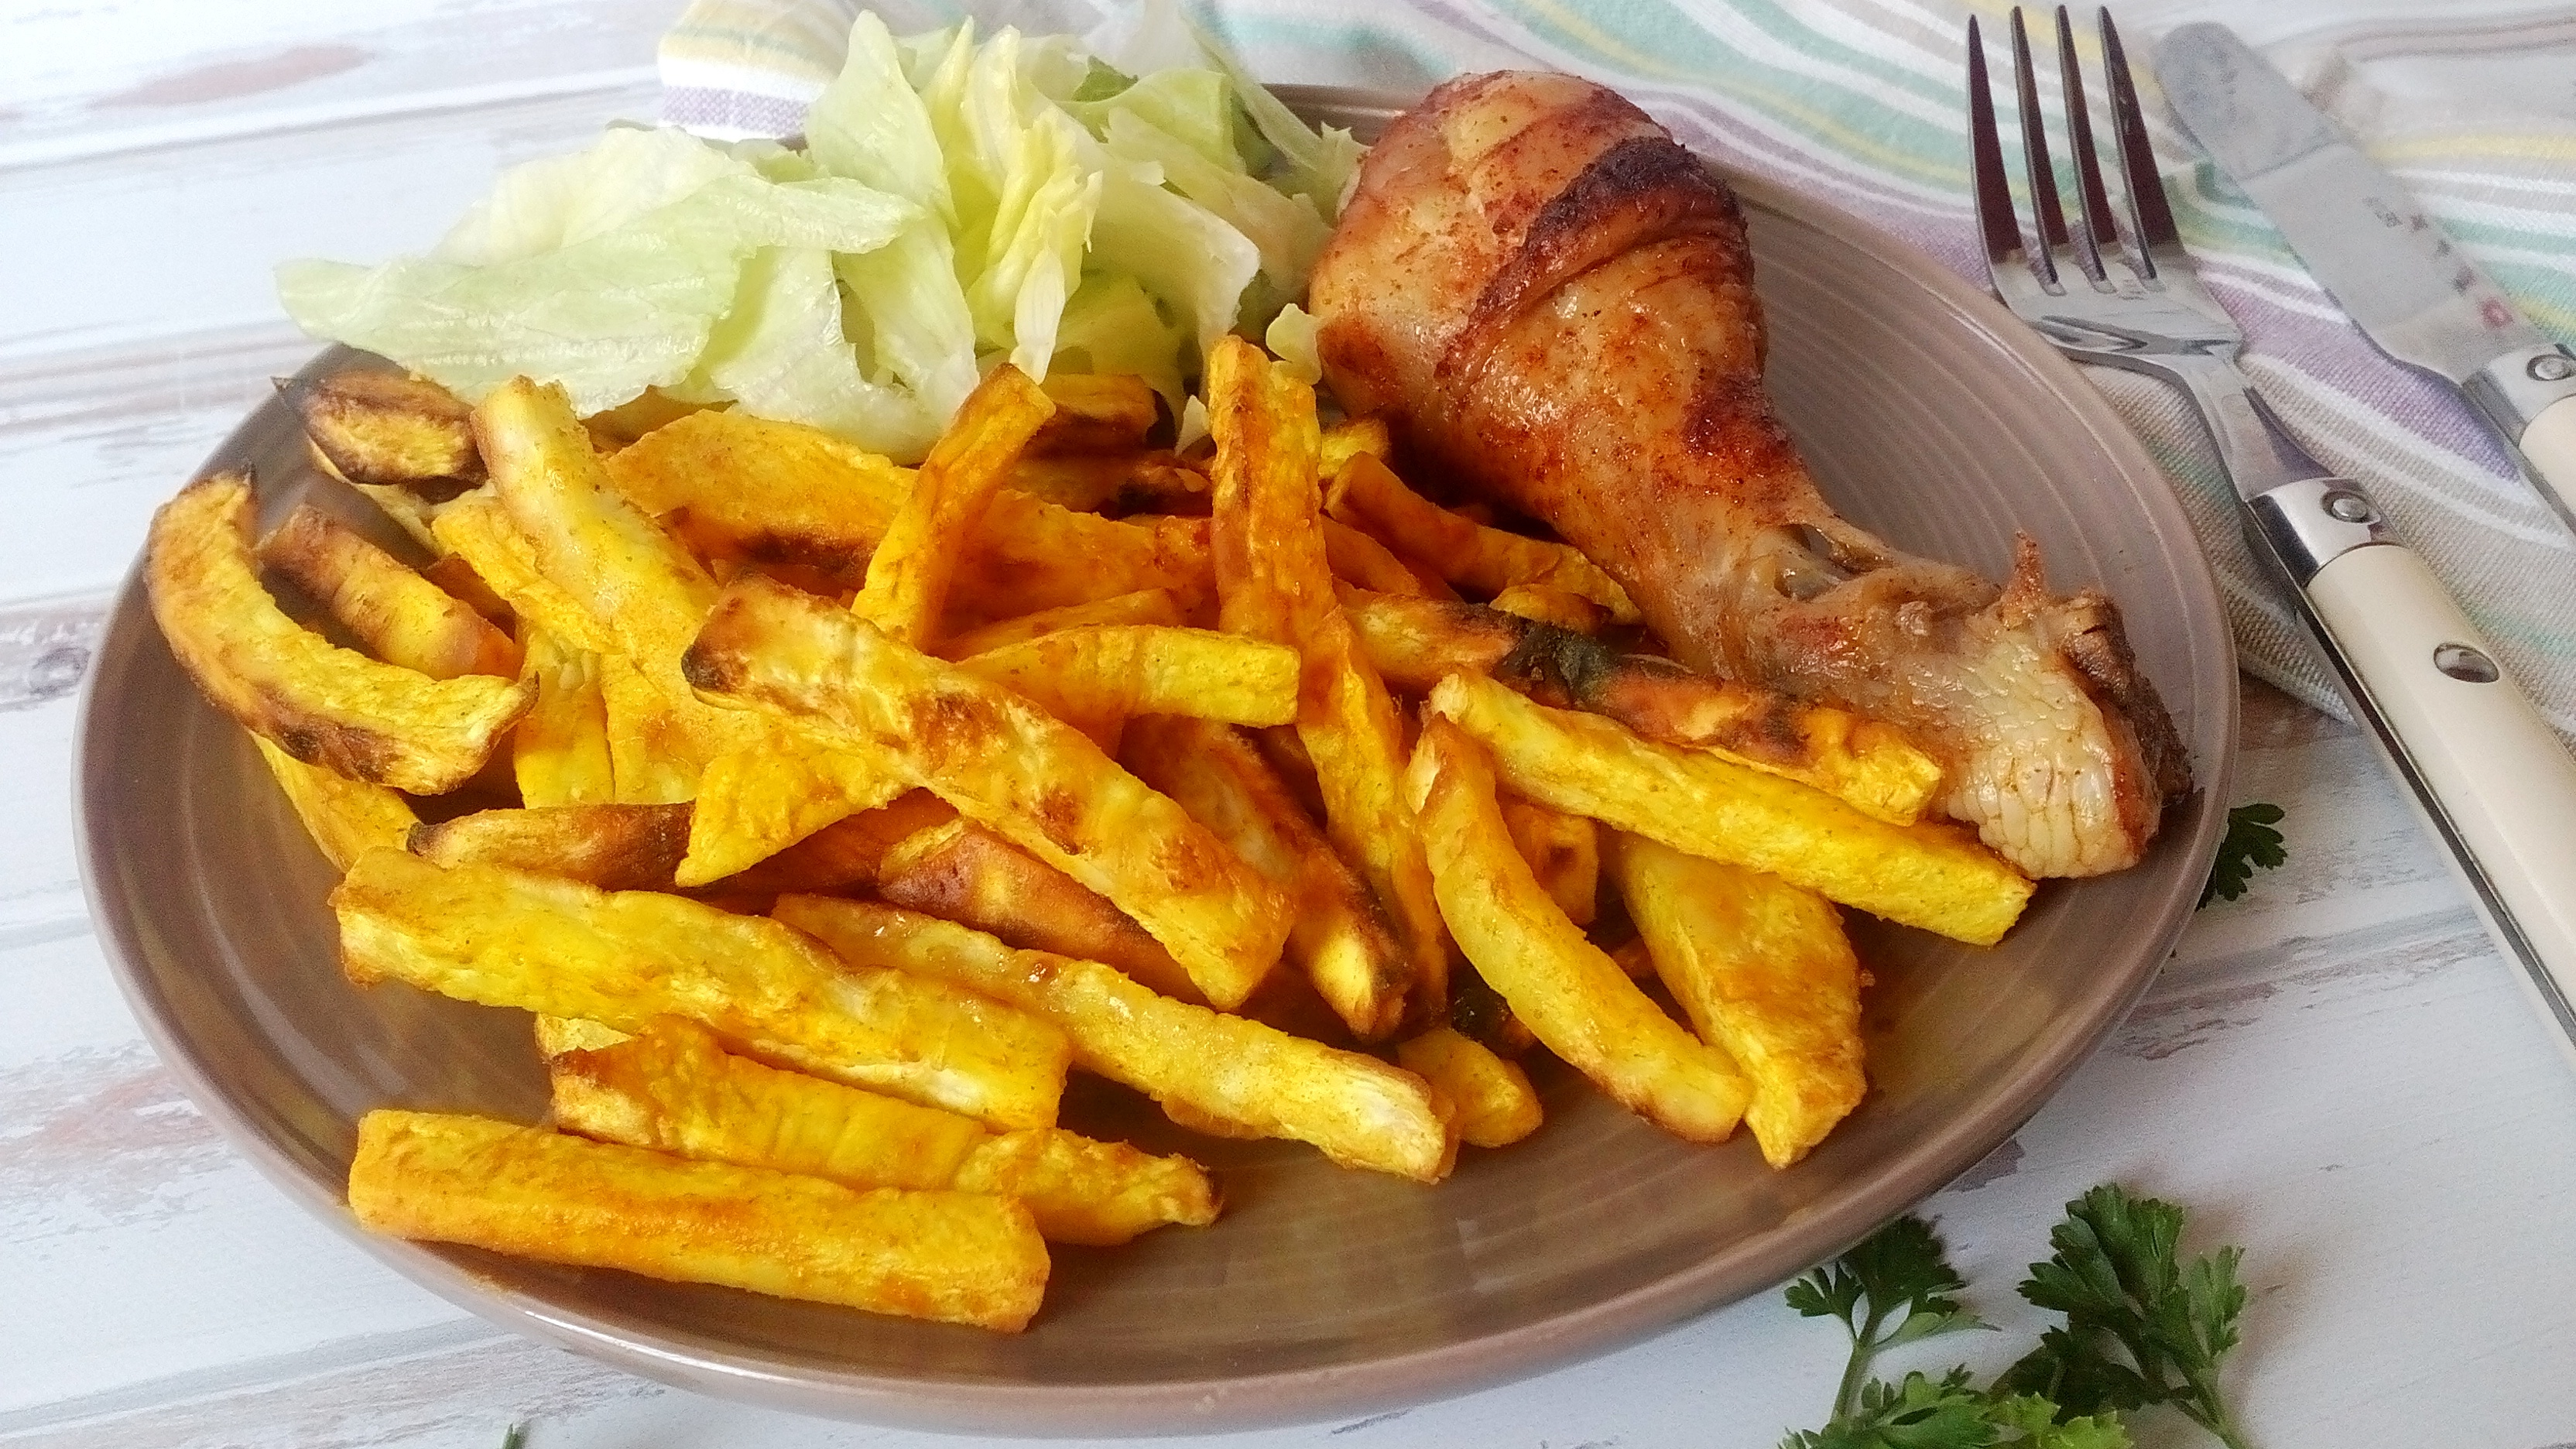 Sült zeller sütőben sütve – isteni sült krumpli ízű diétás köret